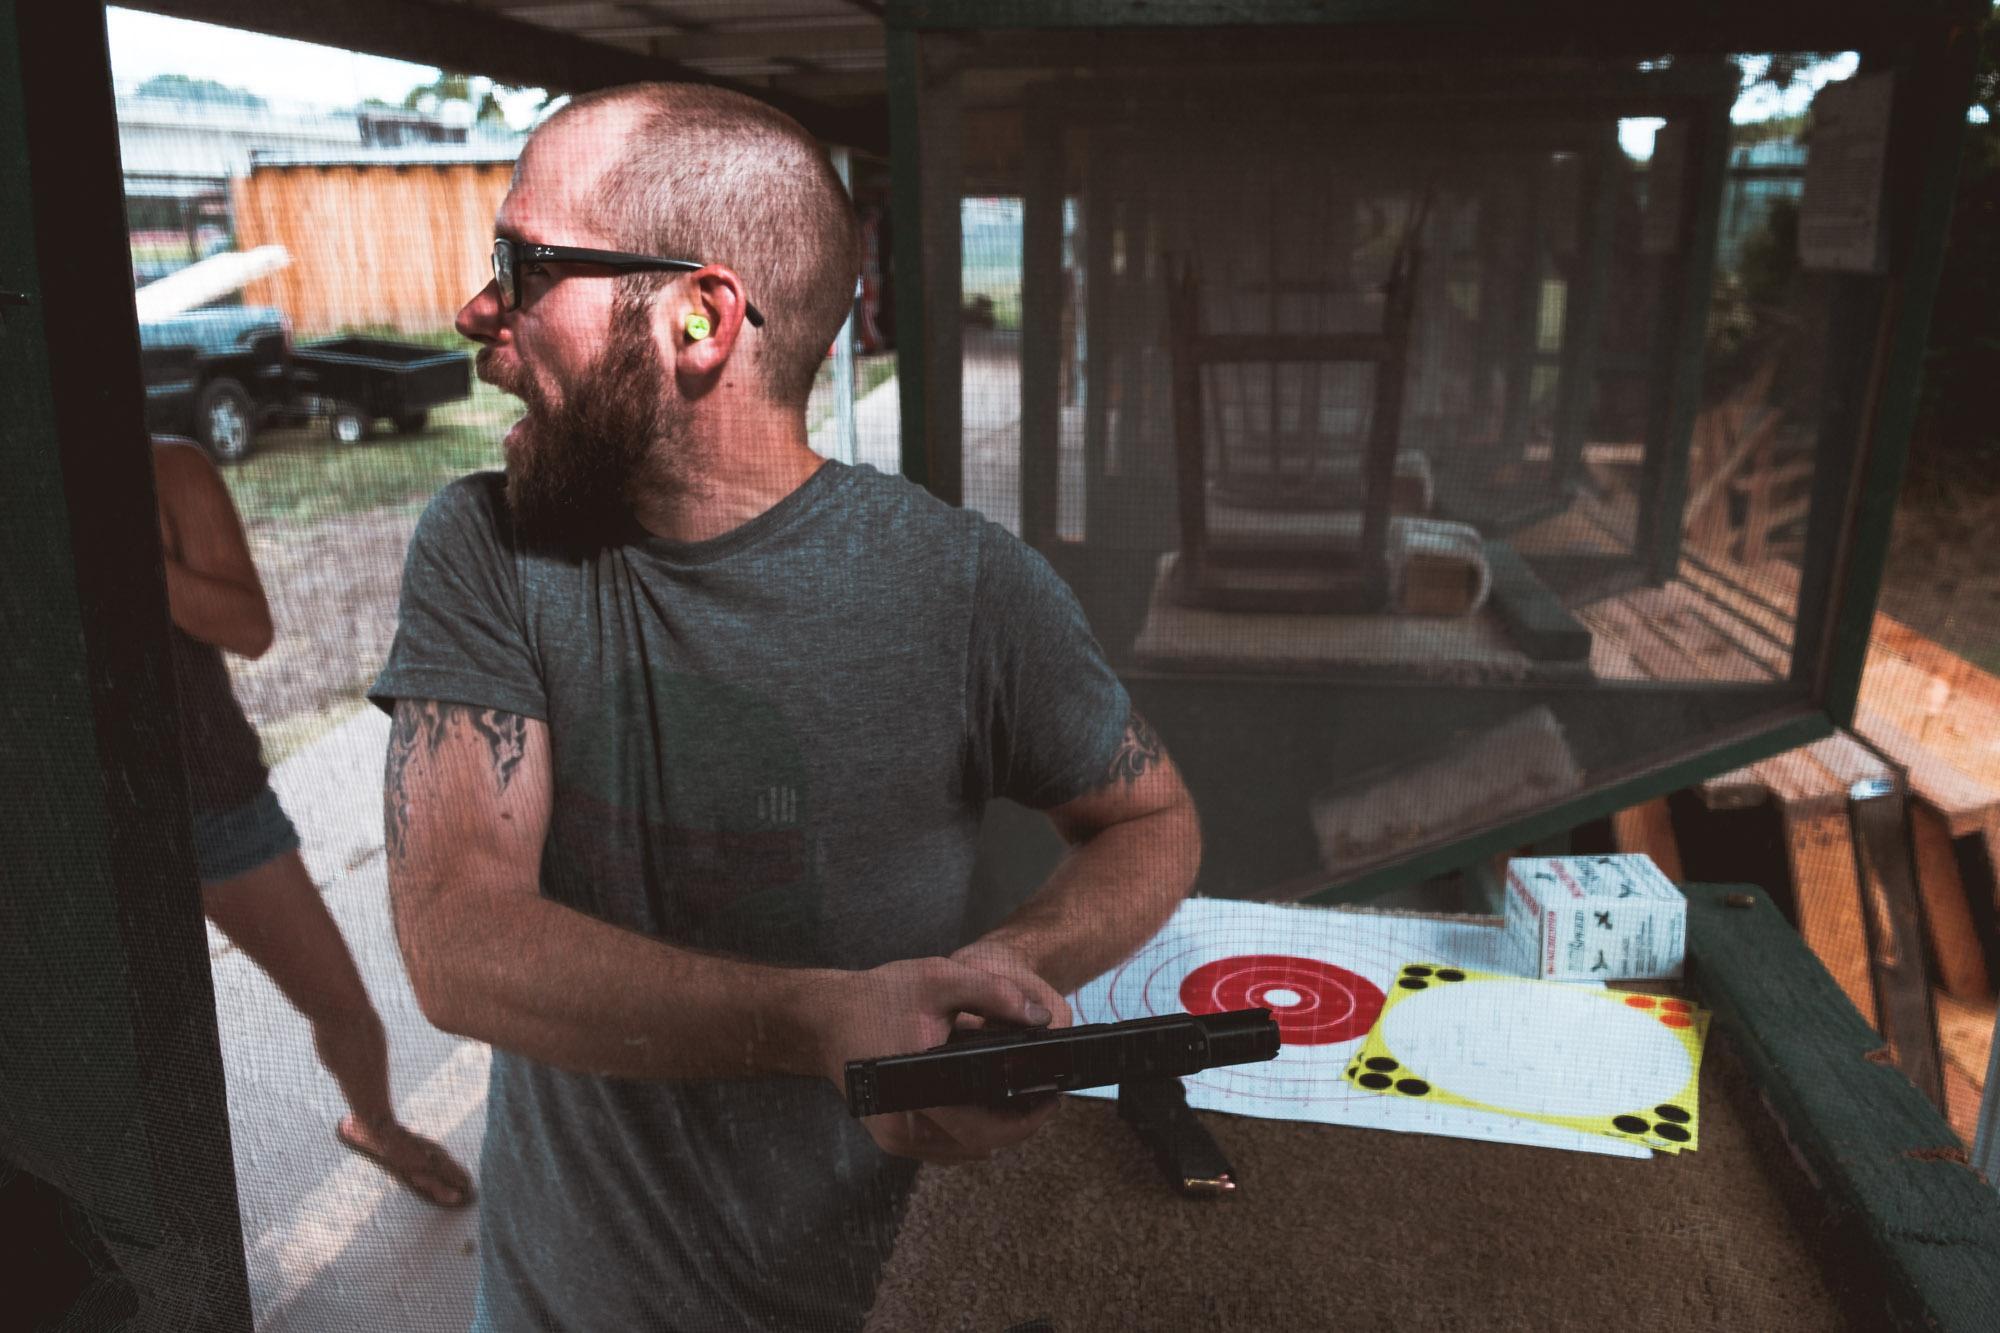 Bob Reloading Glock 9mm Garland Shooting Range